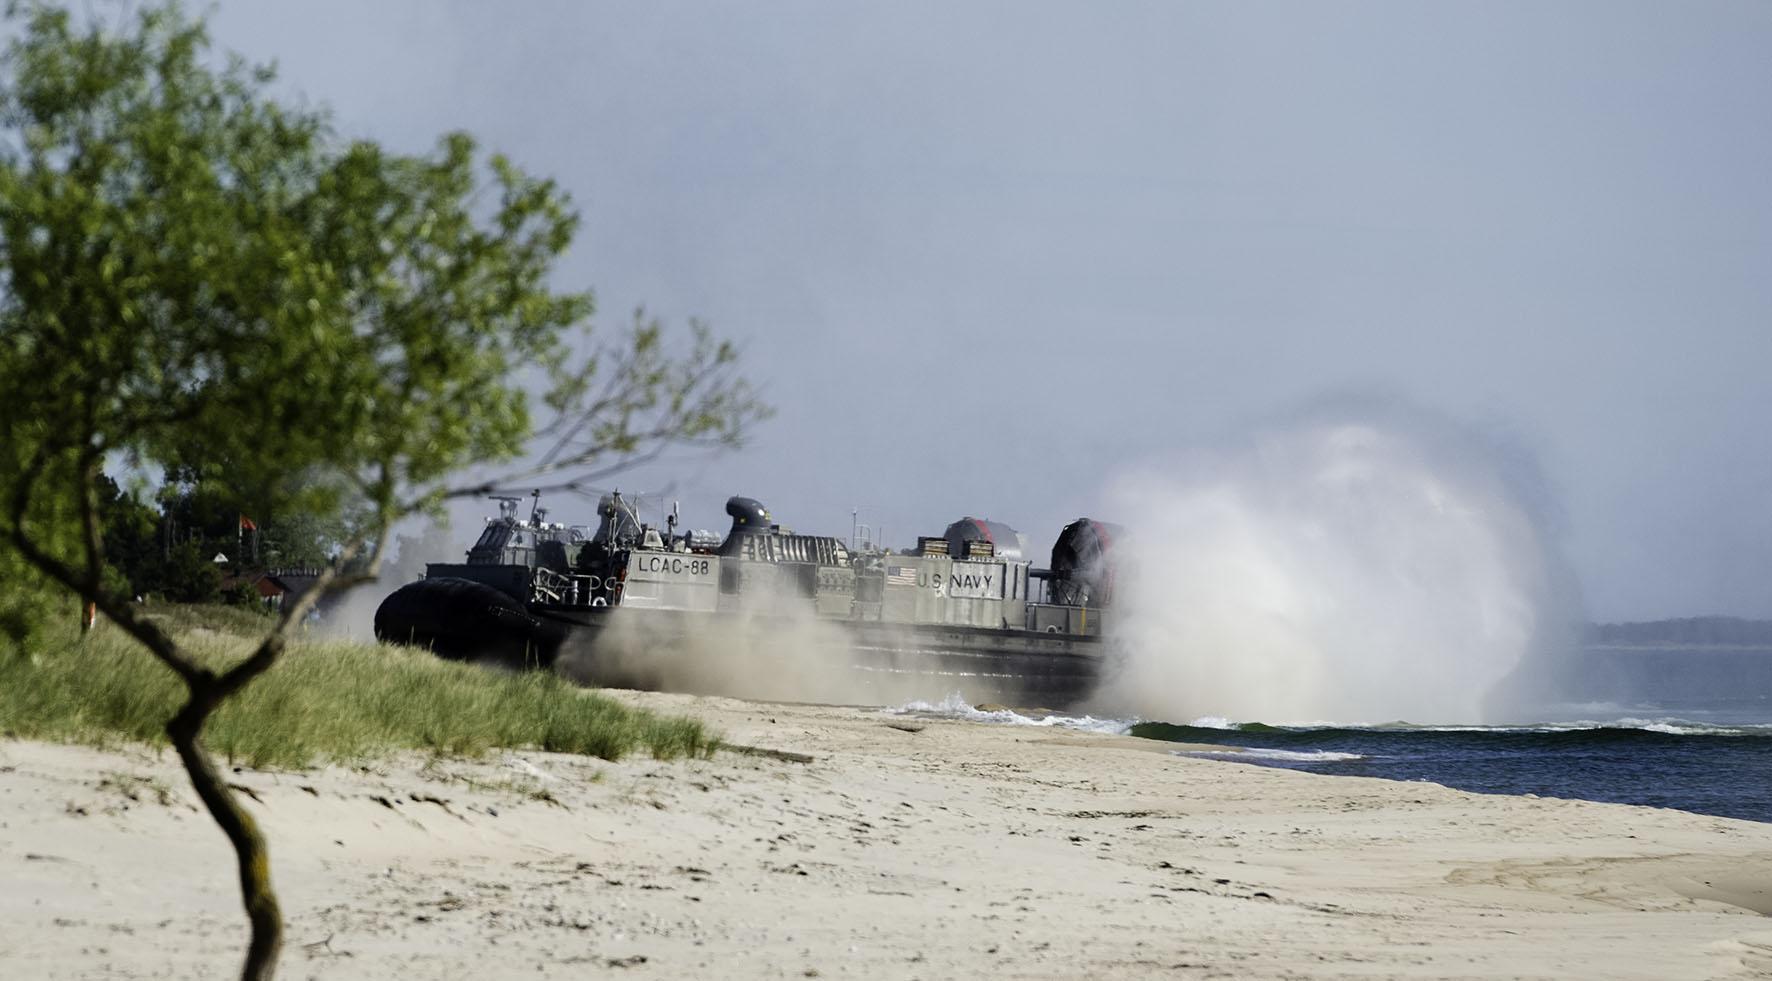 Amerikanska marinsoldater landstiger under övning Baltops.  Foto: Alexander Karlsson/Combat Camera/Försvarsmakten